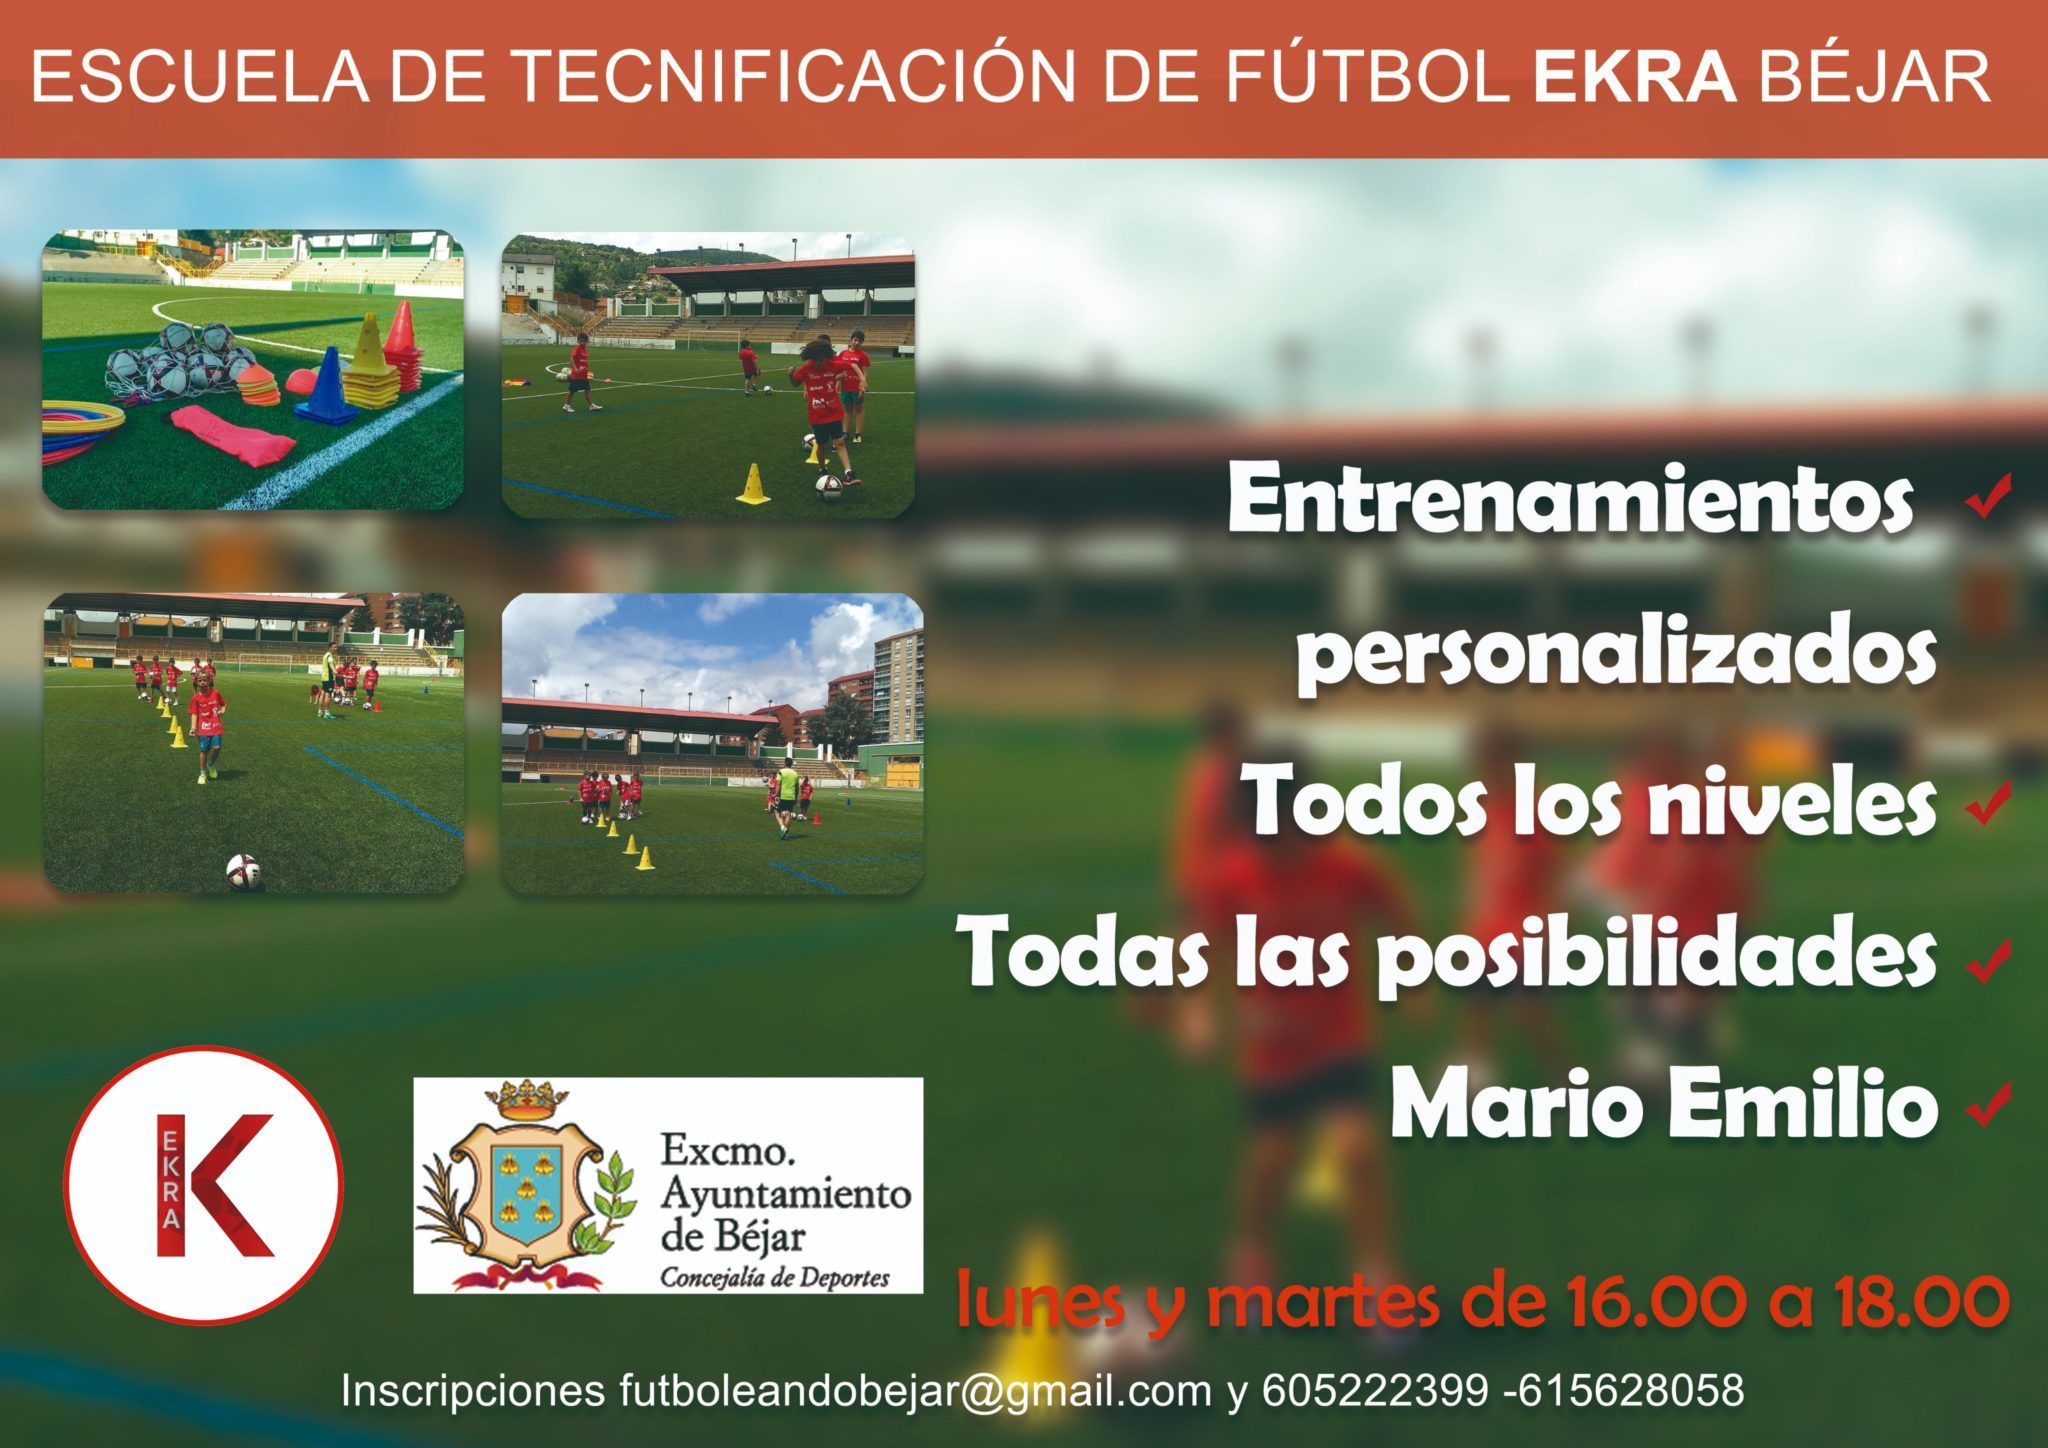 Presentada la escuela de tecnificación de fútbol para este curso escolar 2018/2019